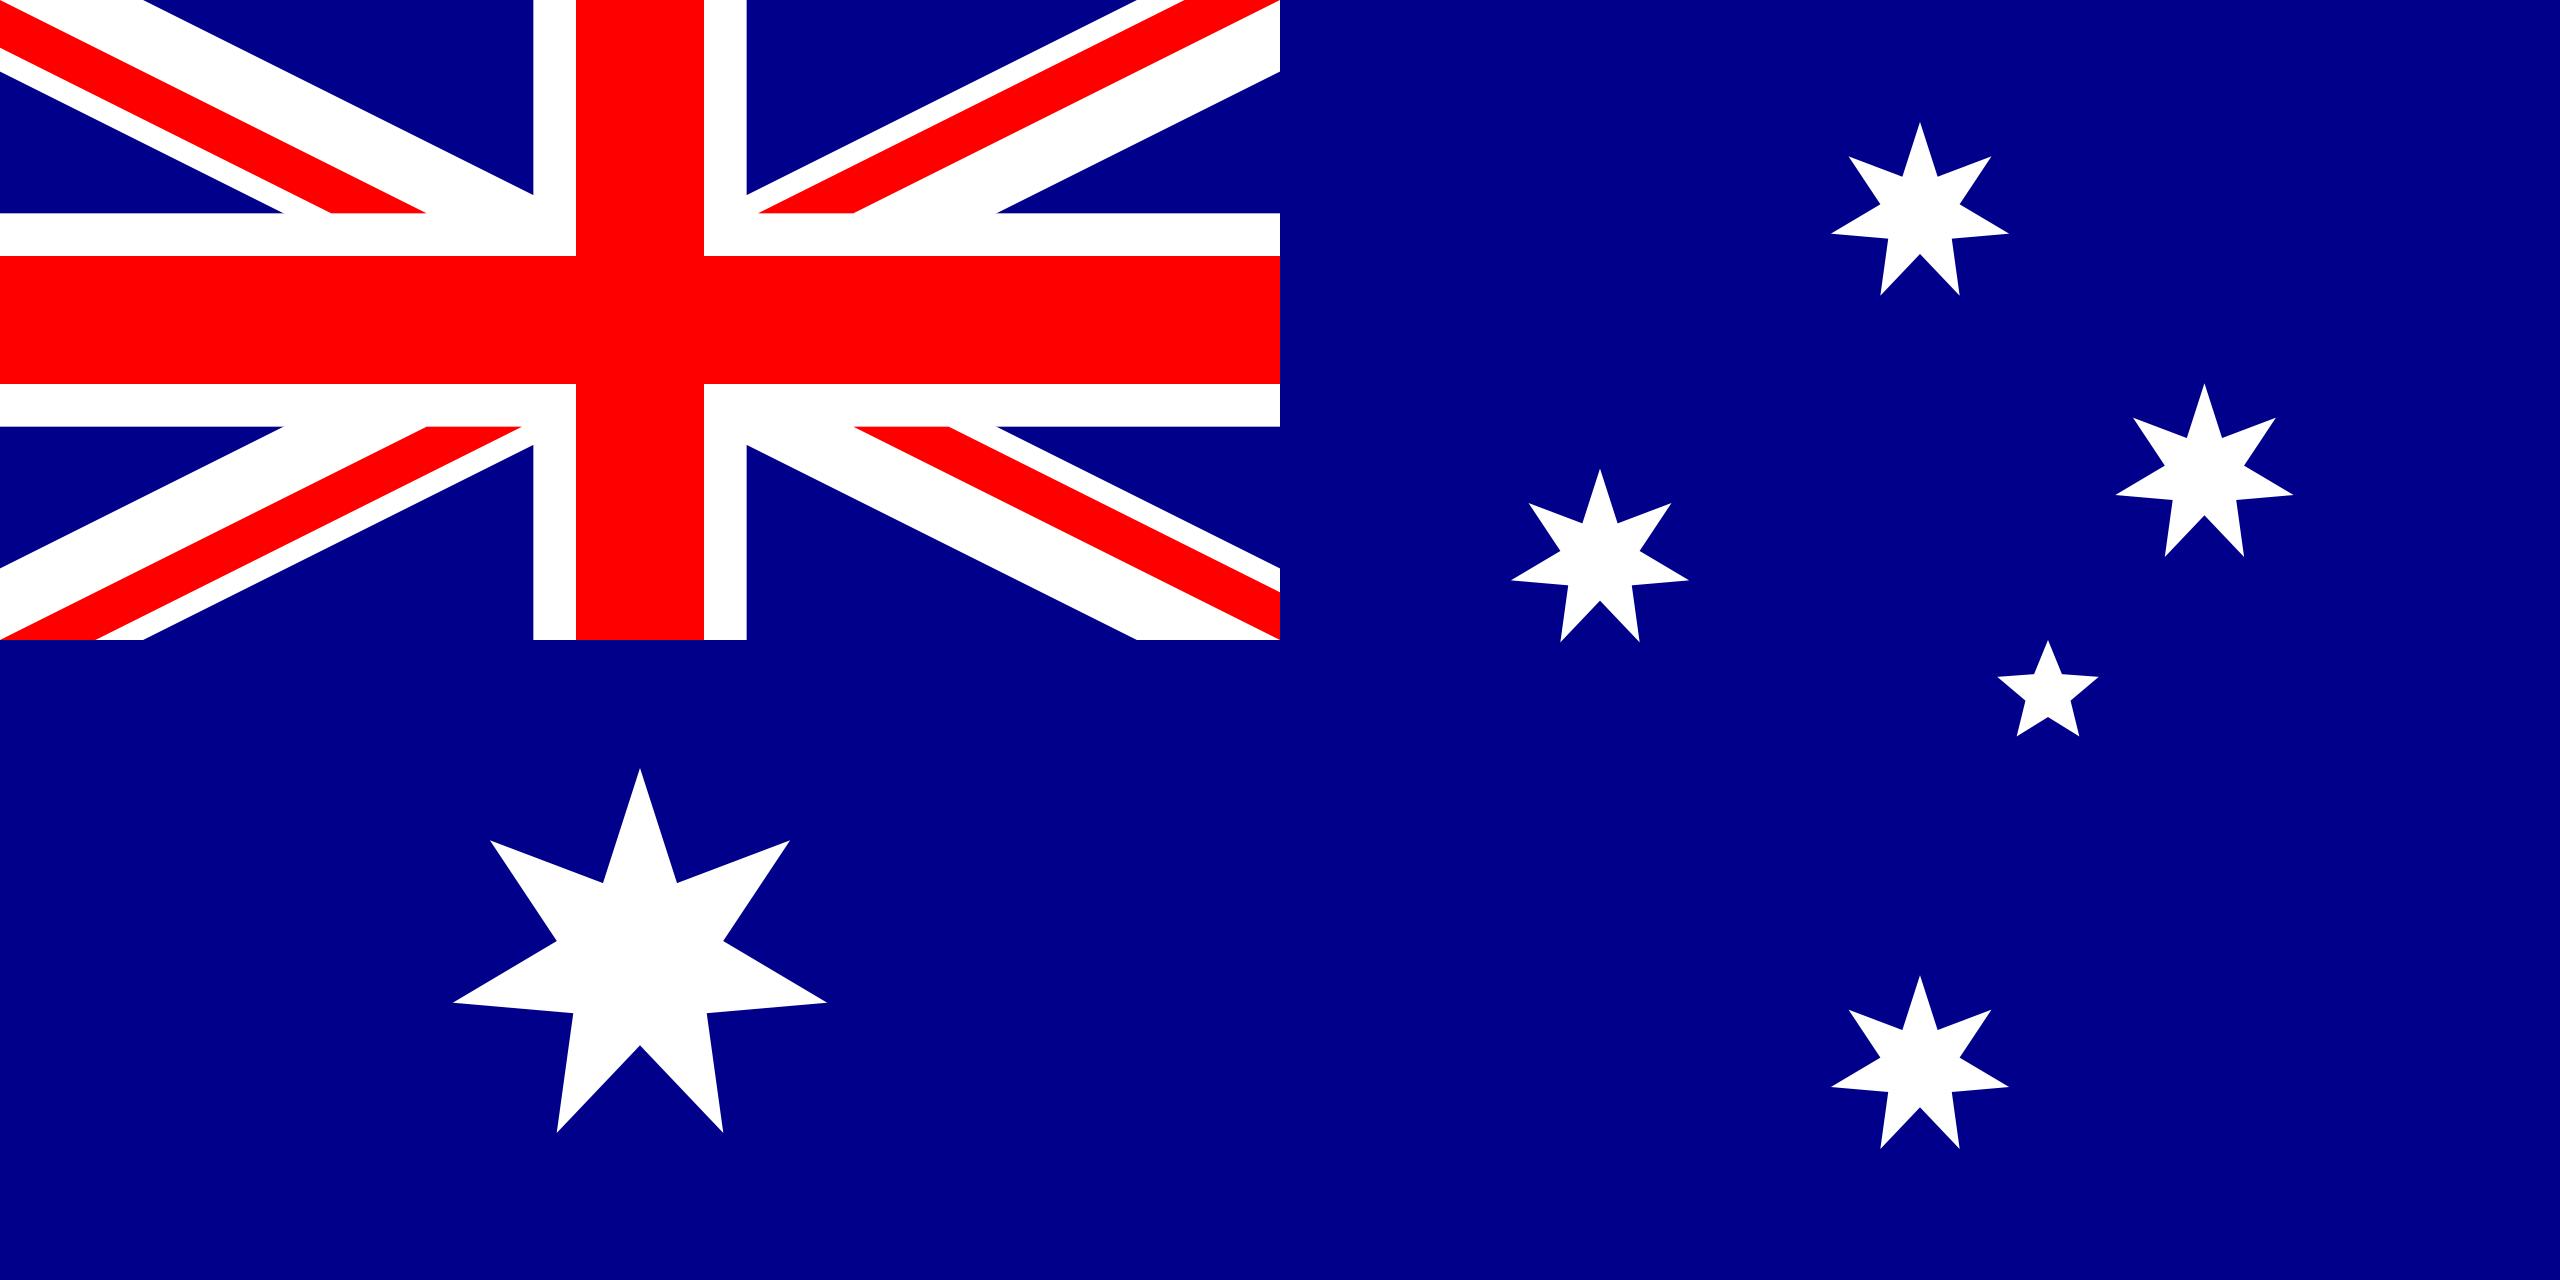 Avustralya-Bayrağı